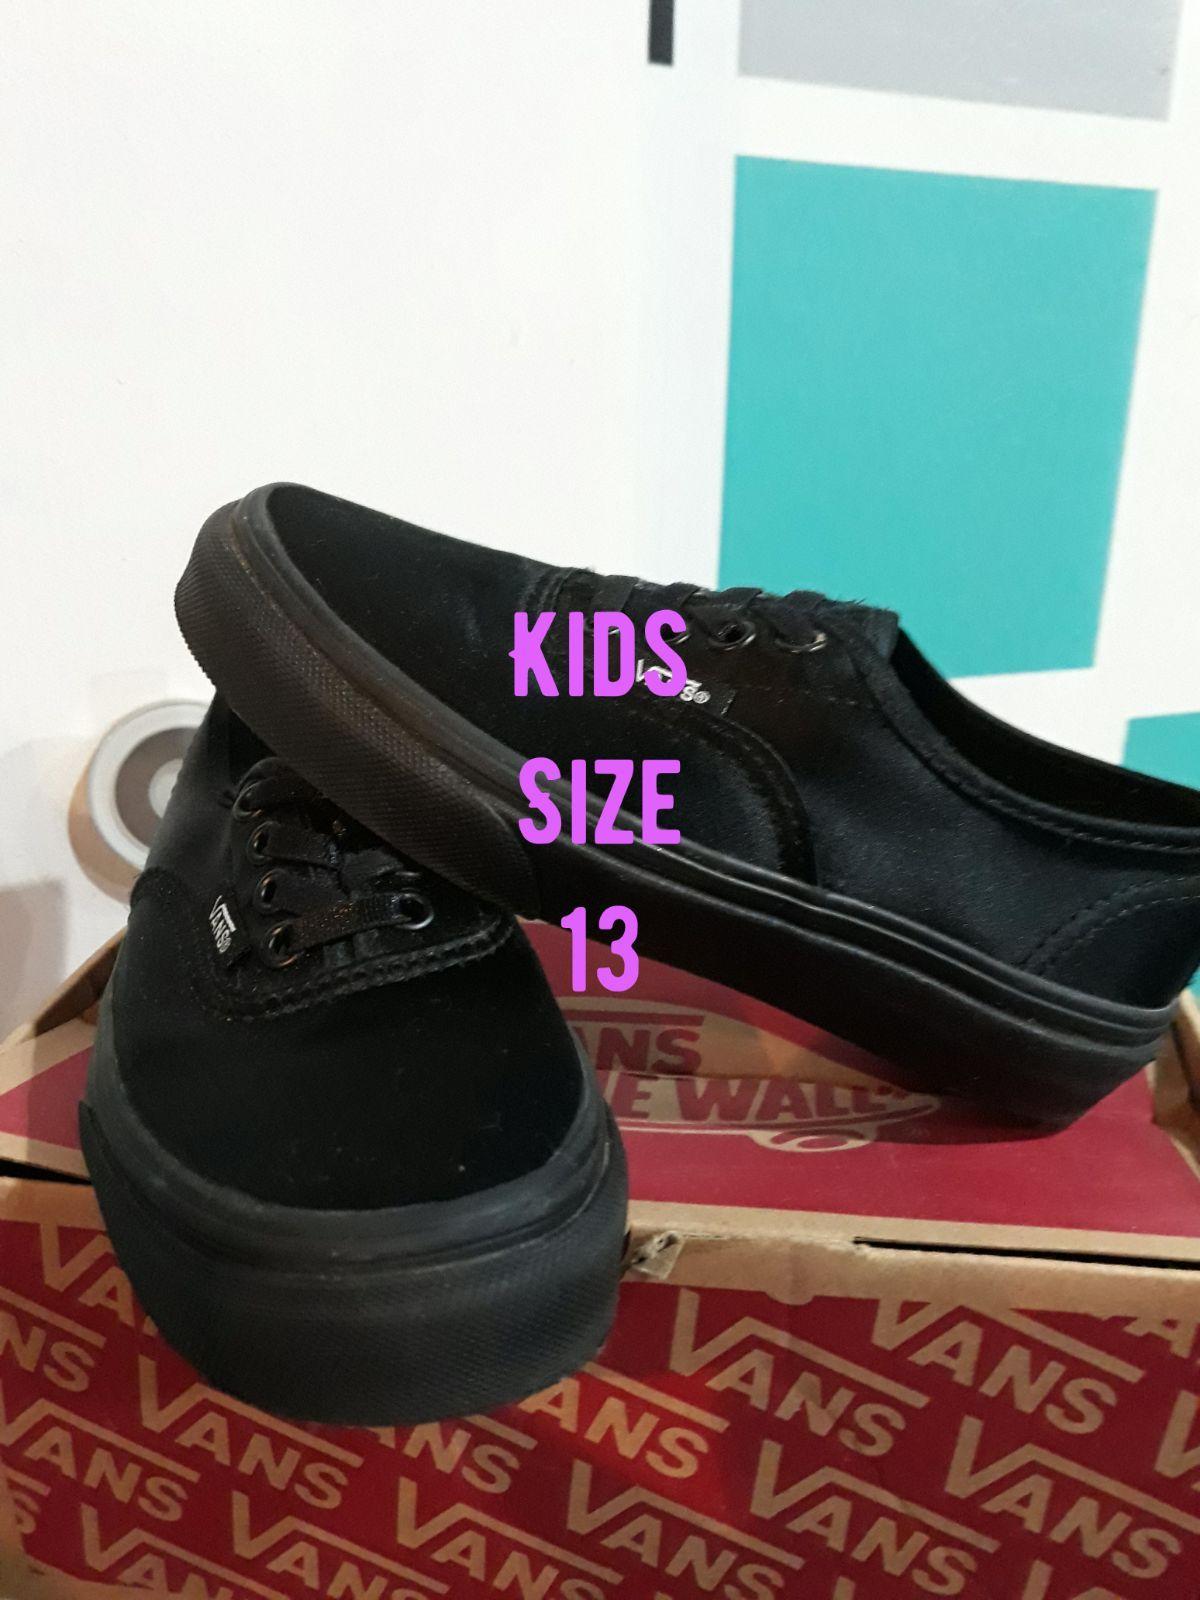 size 13 kids vans